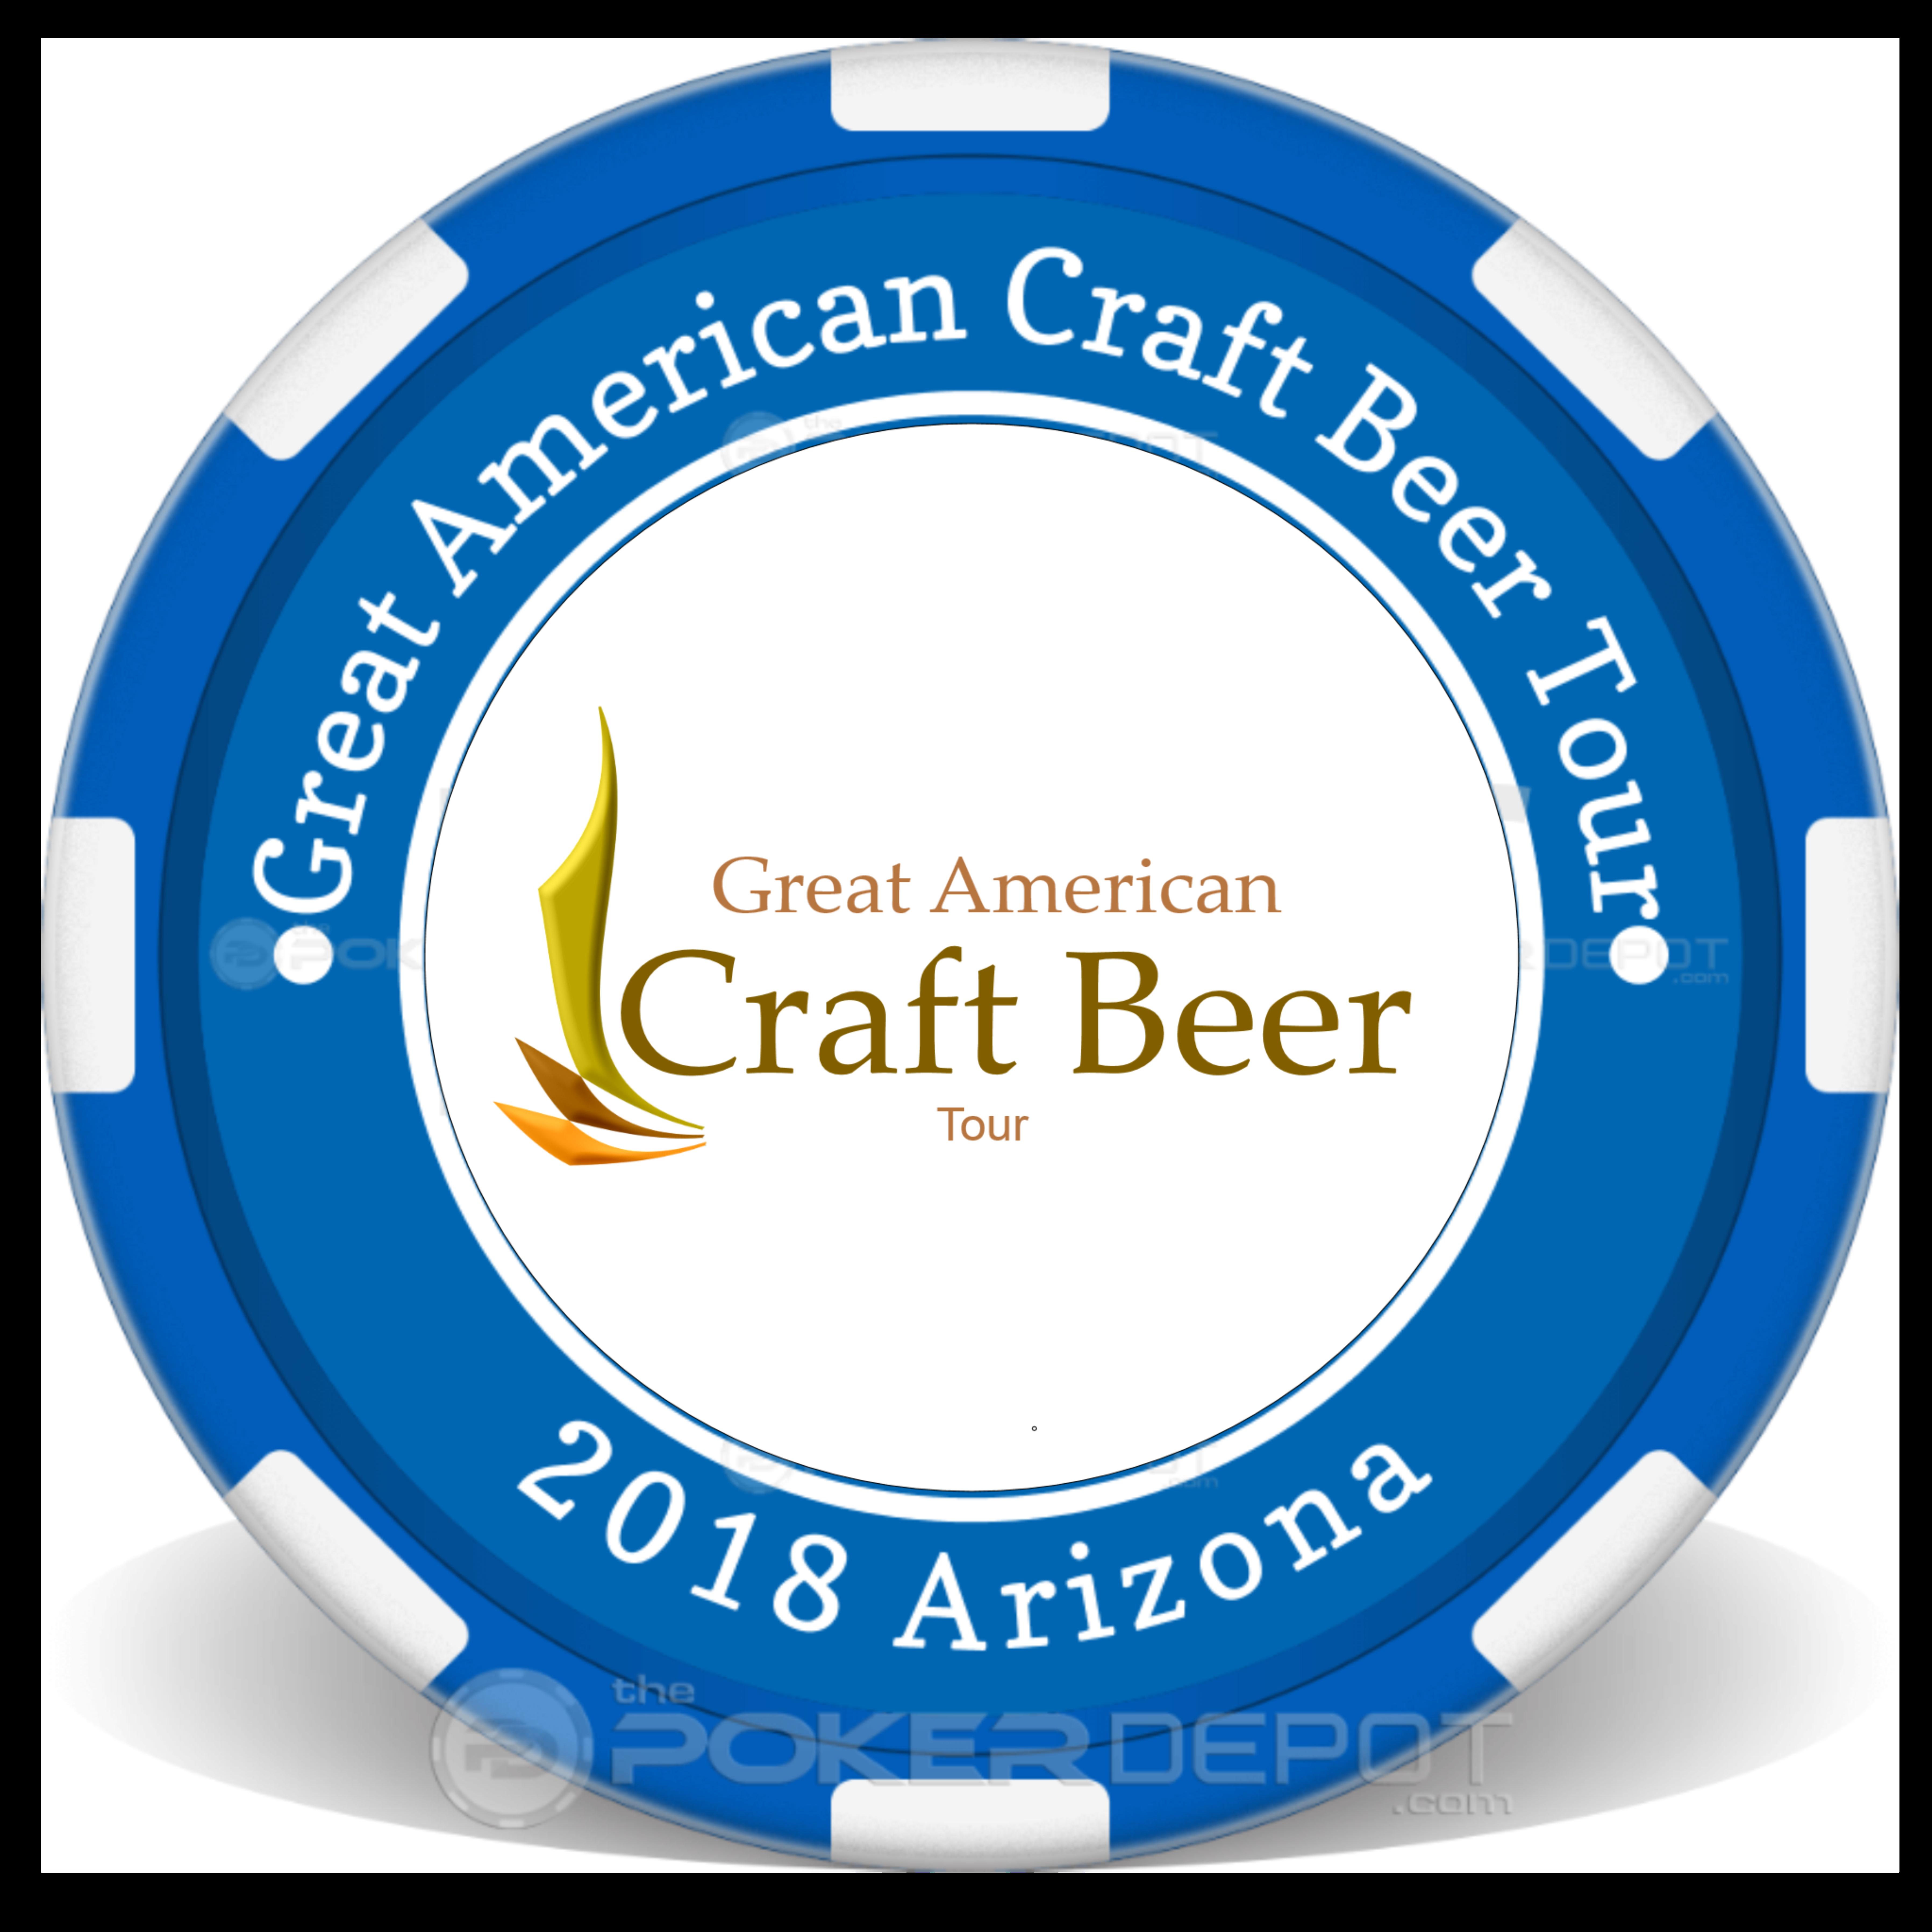 Great American Craft Beer Tour Token